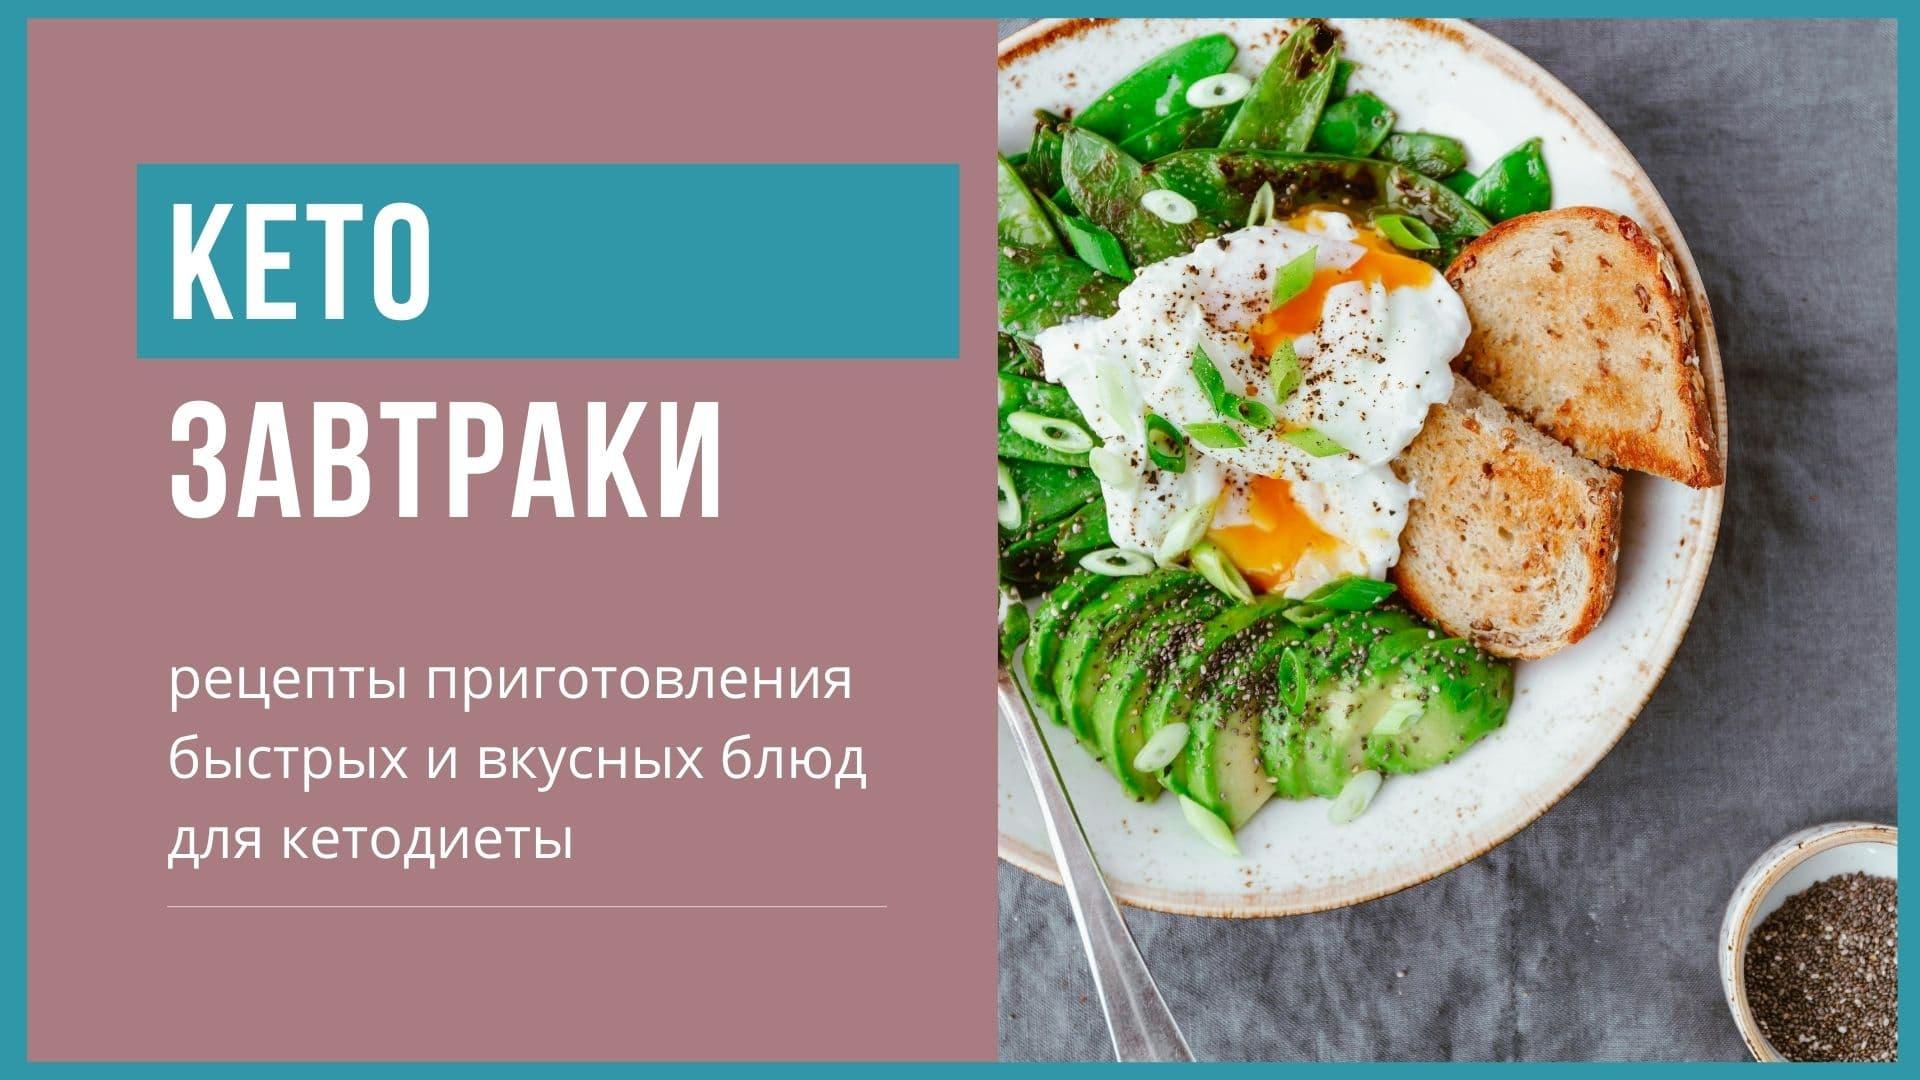 Кето-завтраки: рецепты приготовления быстрых и вкусных блюд для кетодиеты